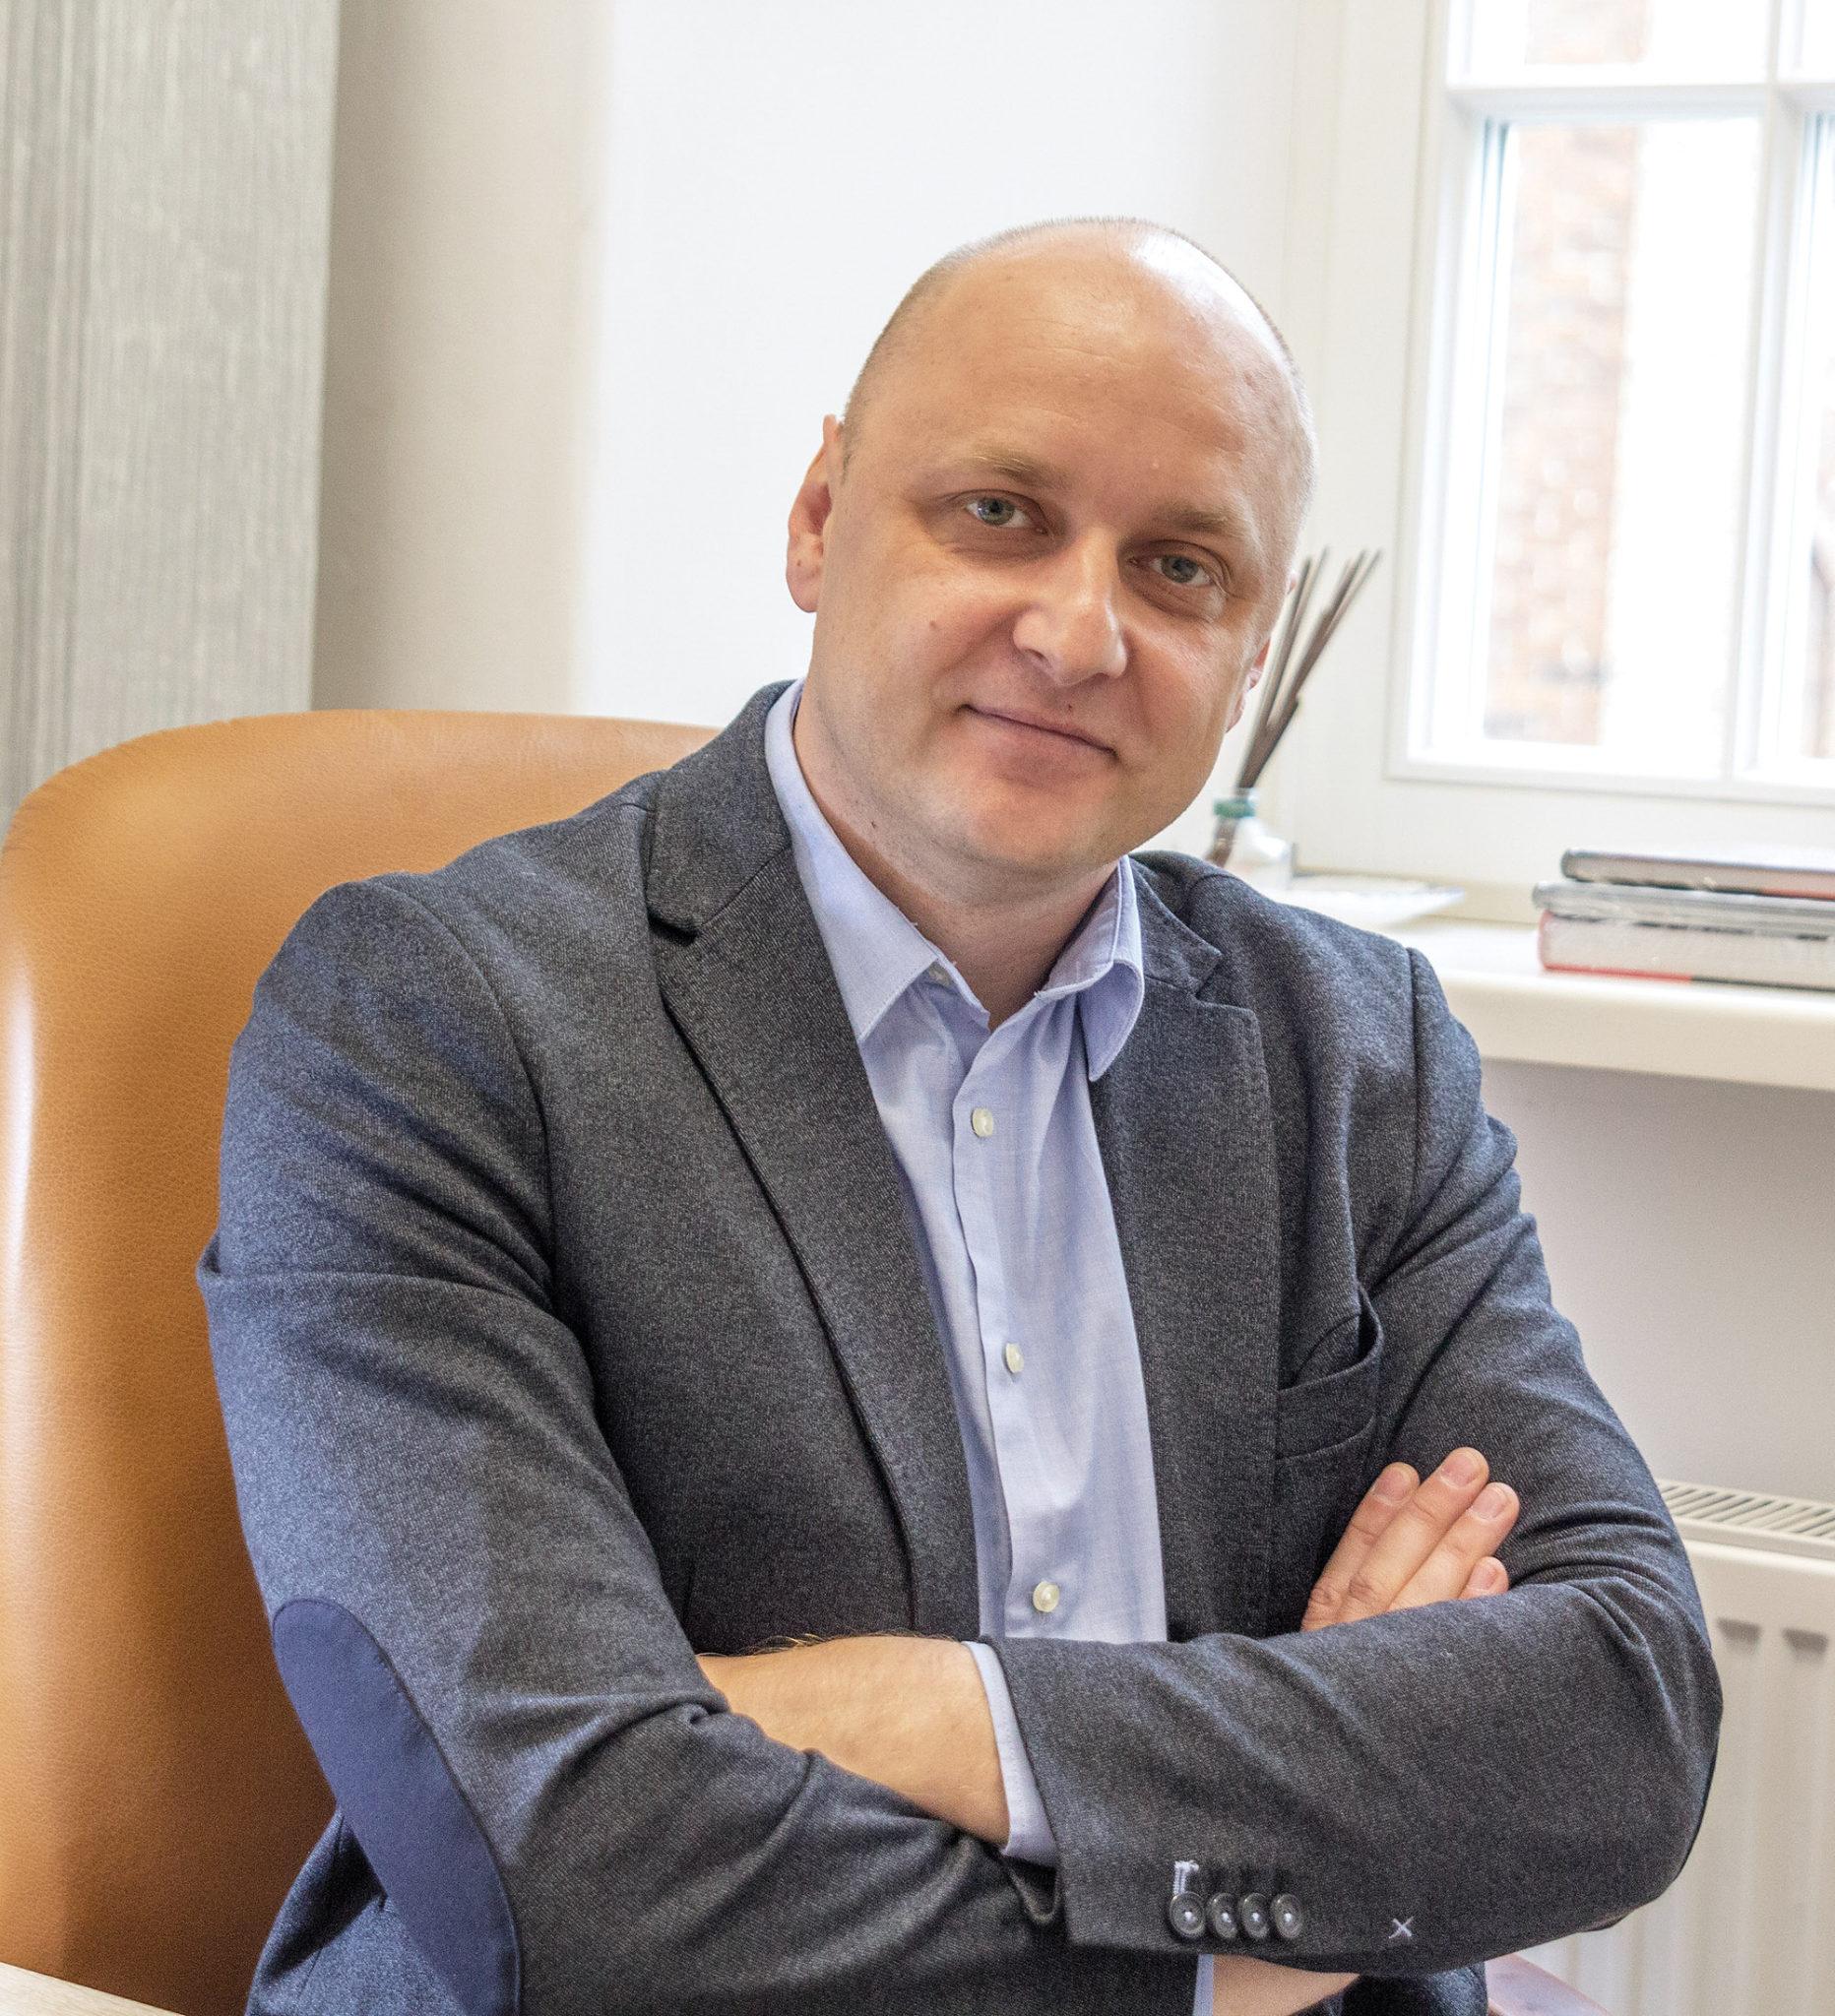 Rafał Nagórski